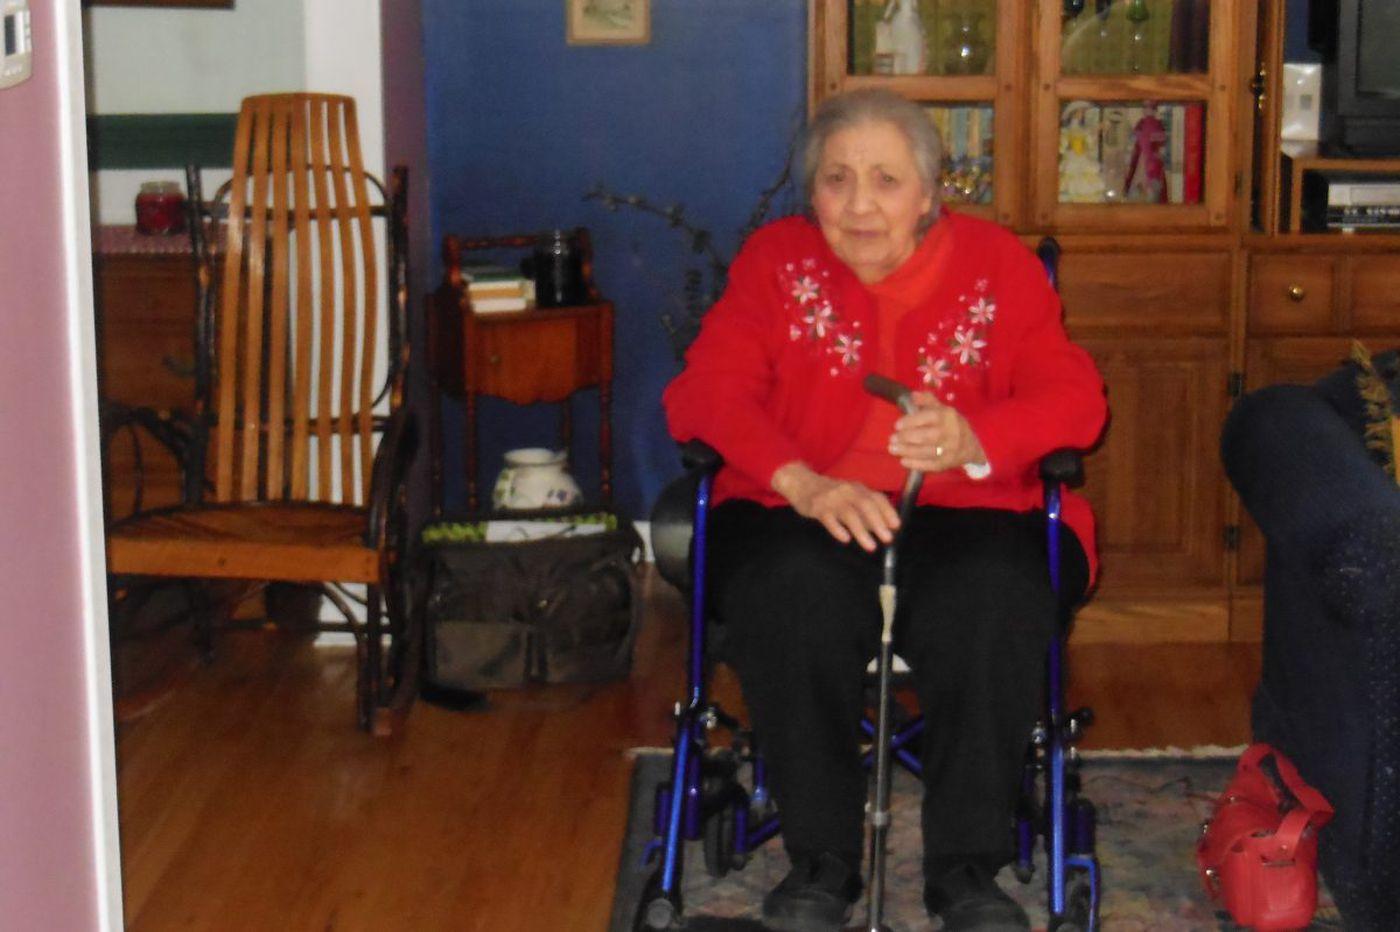 Nursing home resident's son: 'That's voter fraud'